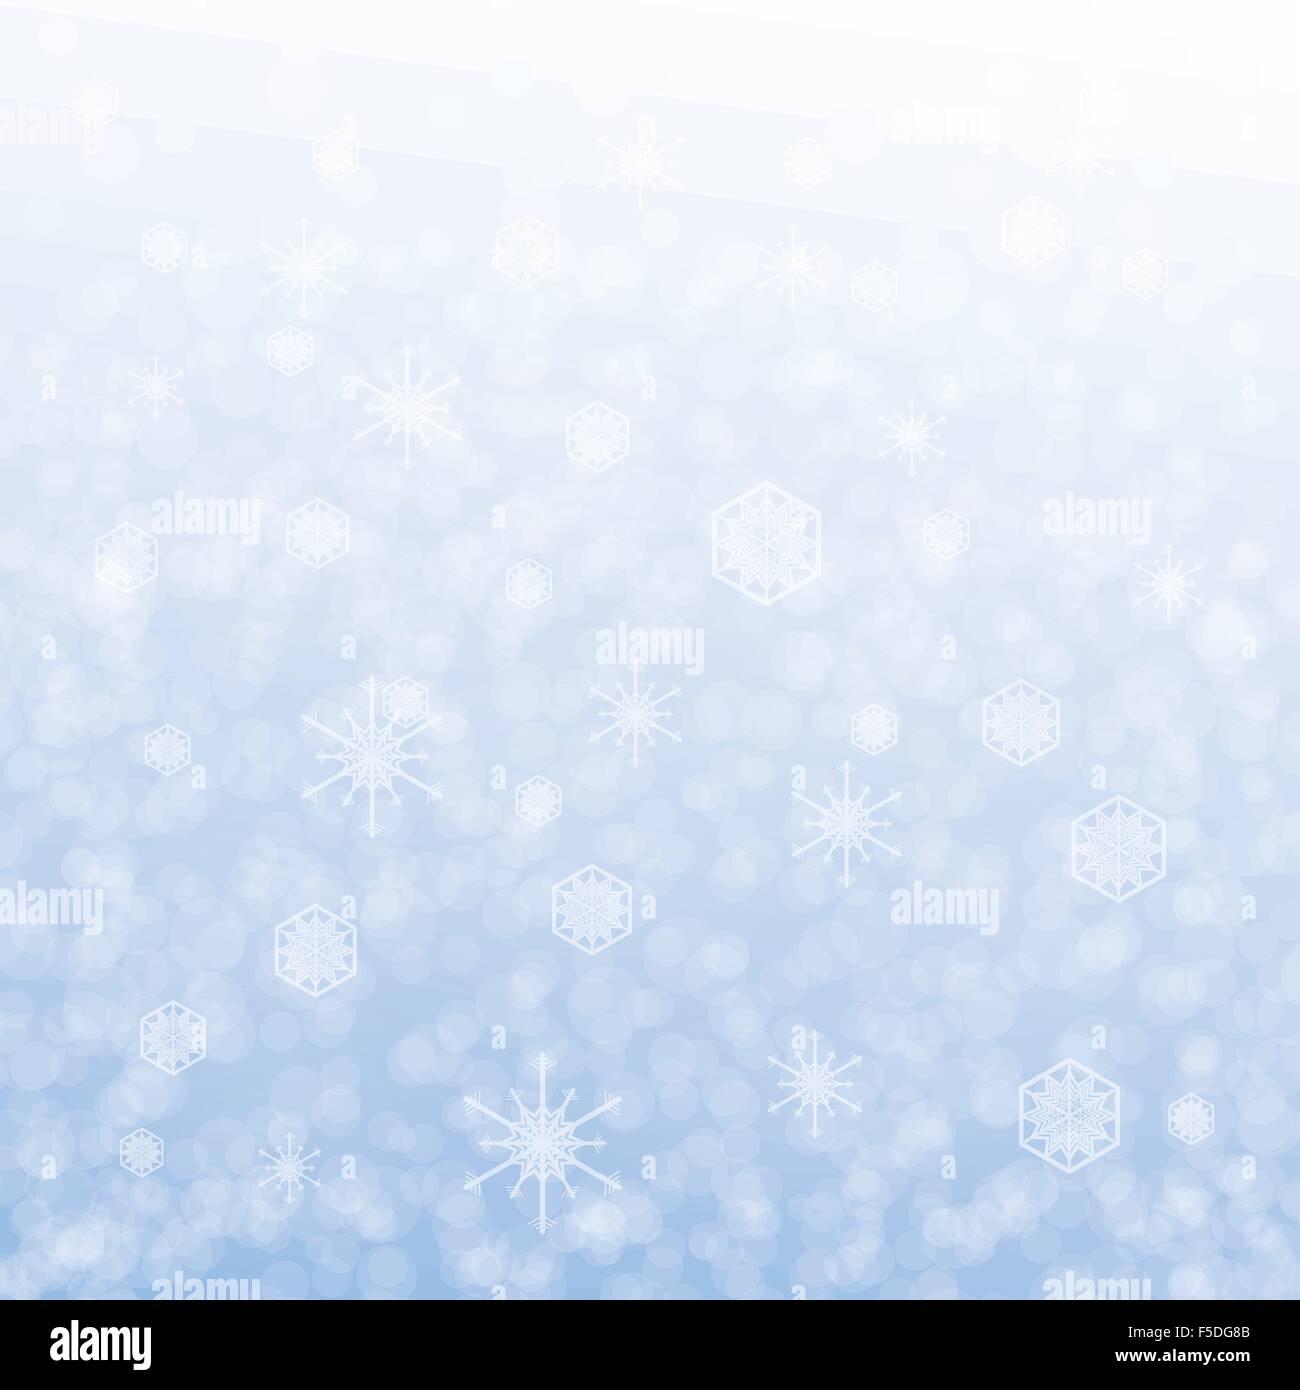 Scheda di Natale design con il simbolo del fiocco di neve su sfondo blu Immagini Stock